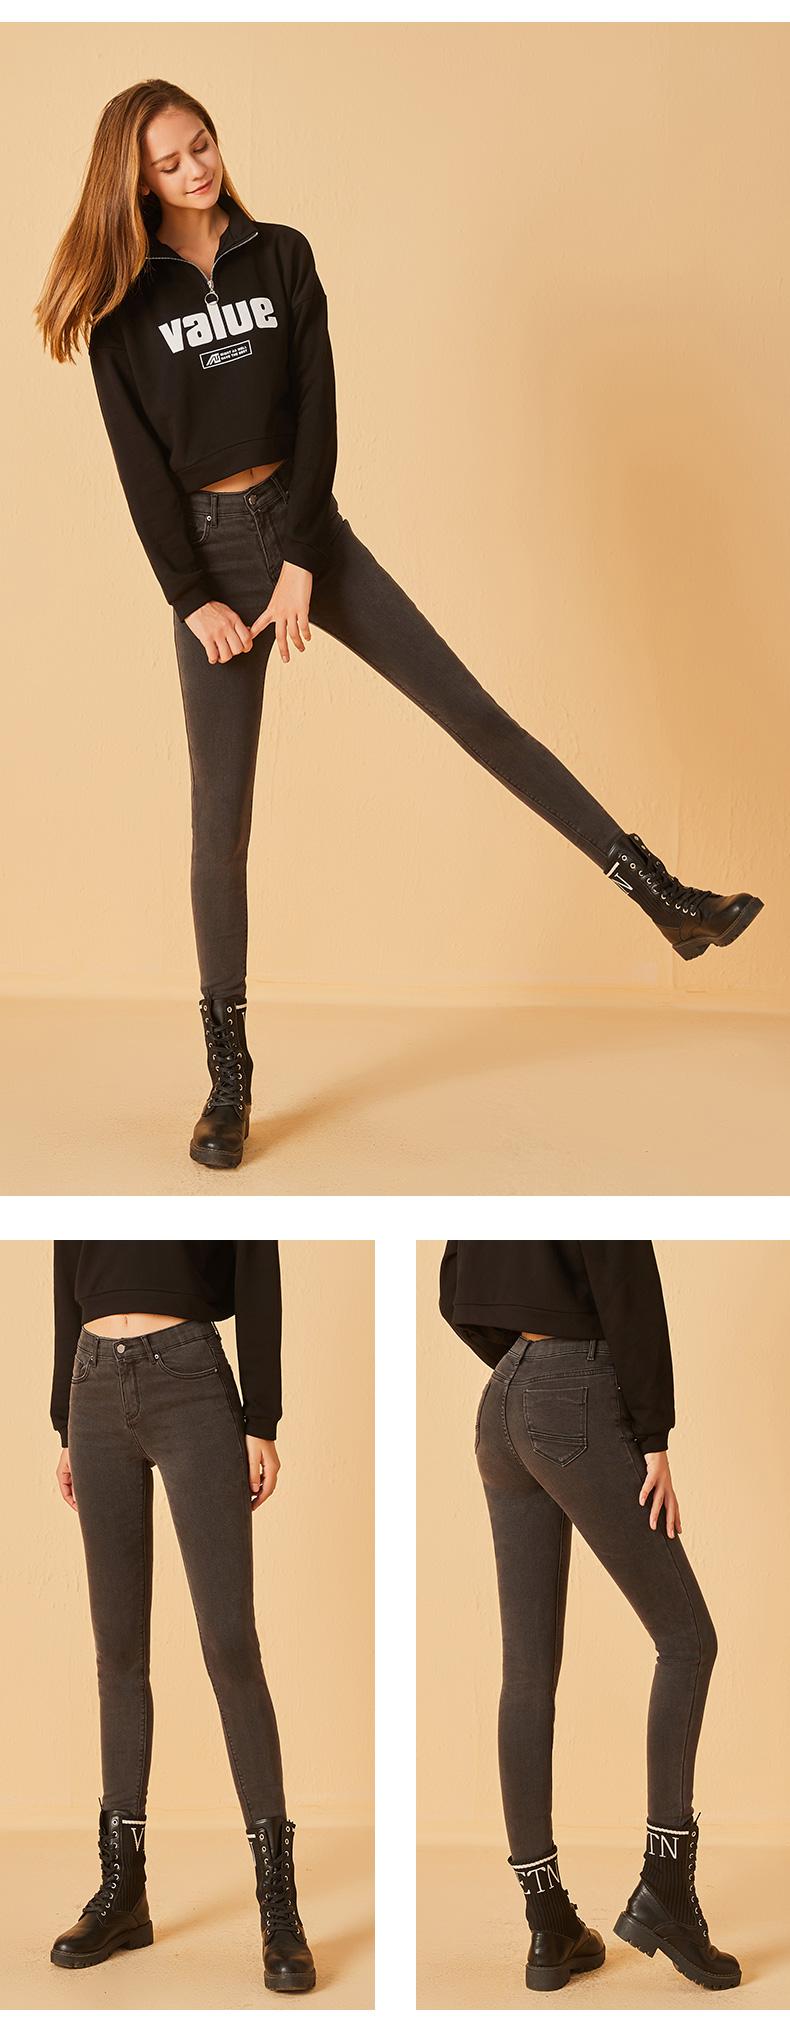 烟灰色牛仔裤子女破洞年新款紧身显瘦弹力修身加绒烟管裤详细照片